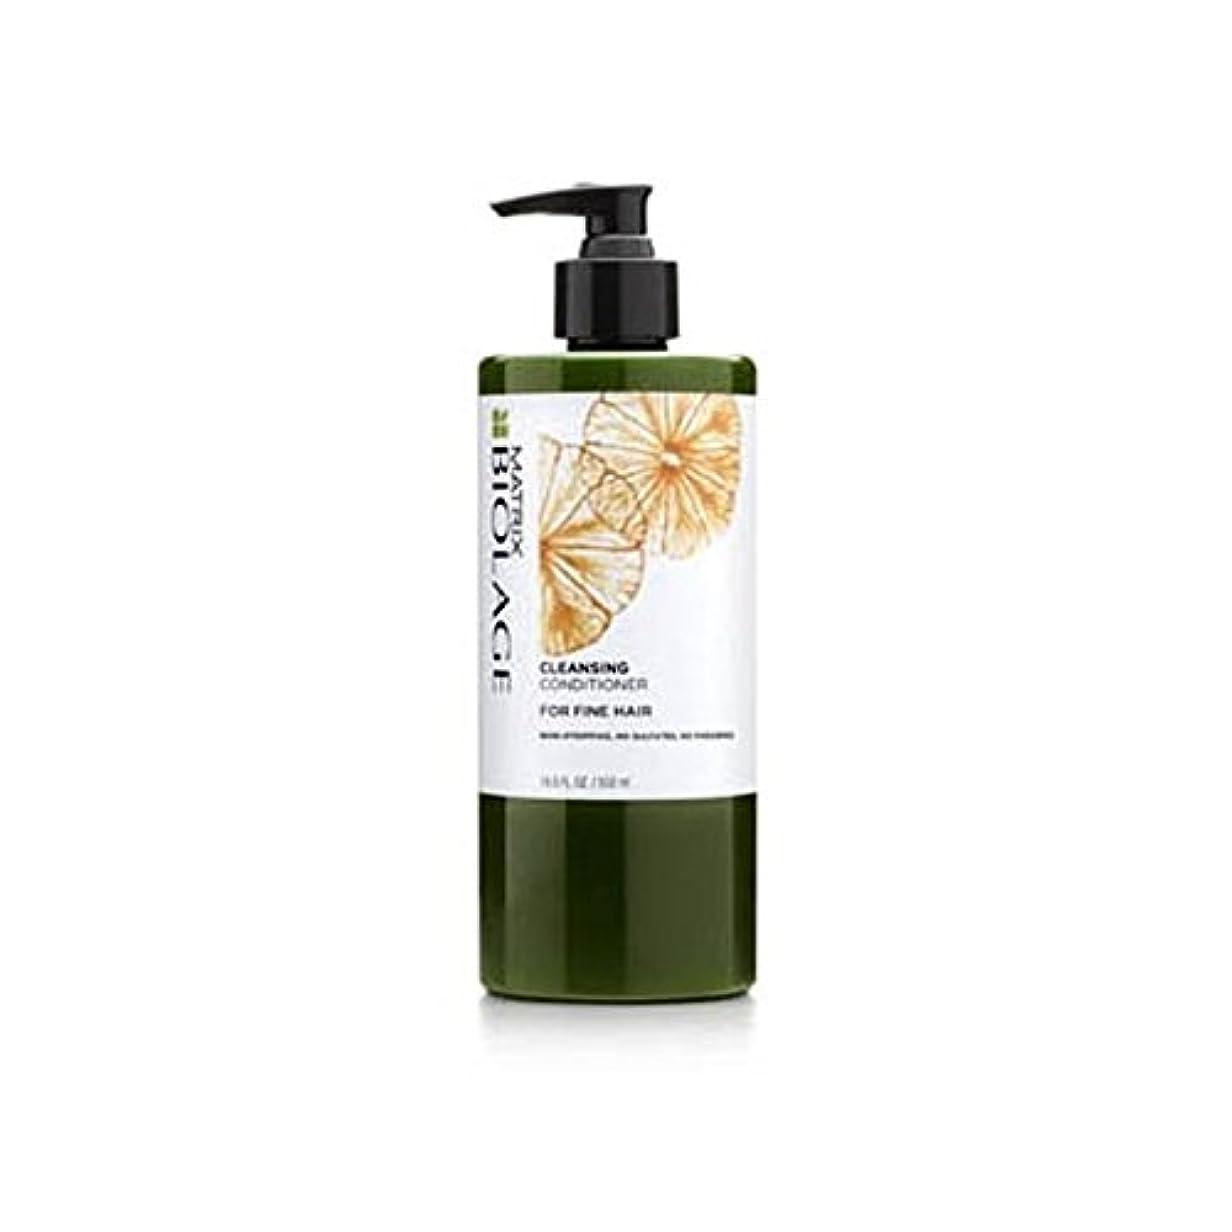 振り向くバトルどちらもMatrix Biolage Cleansing Conditioner - Fine Hair (500ml) - マトリックスバイオレイジクレンジングコンディショナー - 細い髪(500ミリリットル) [並行輸入品]